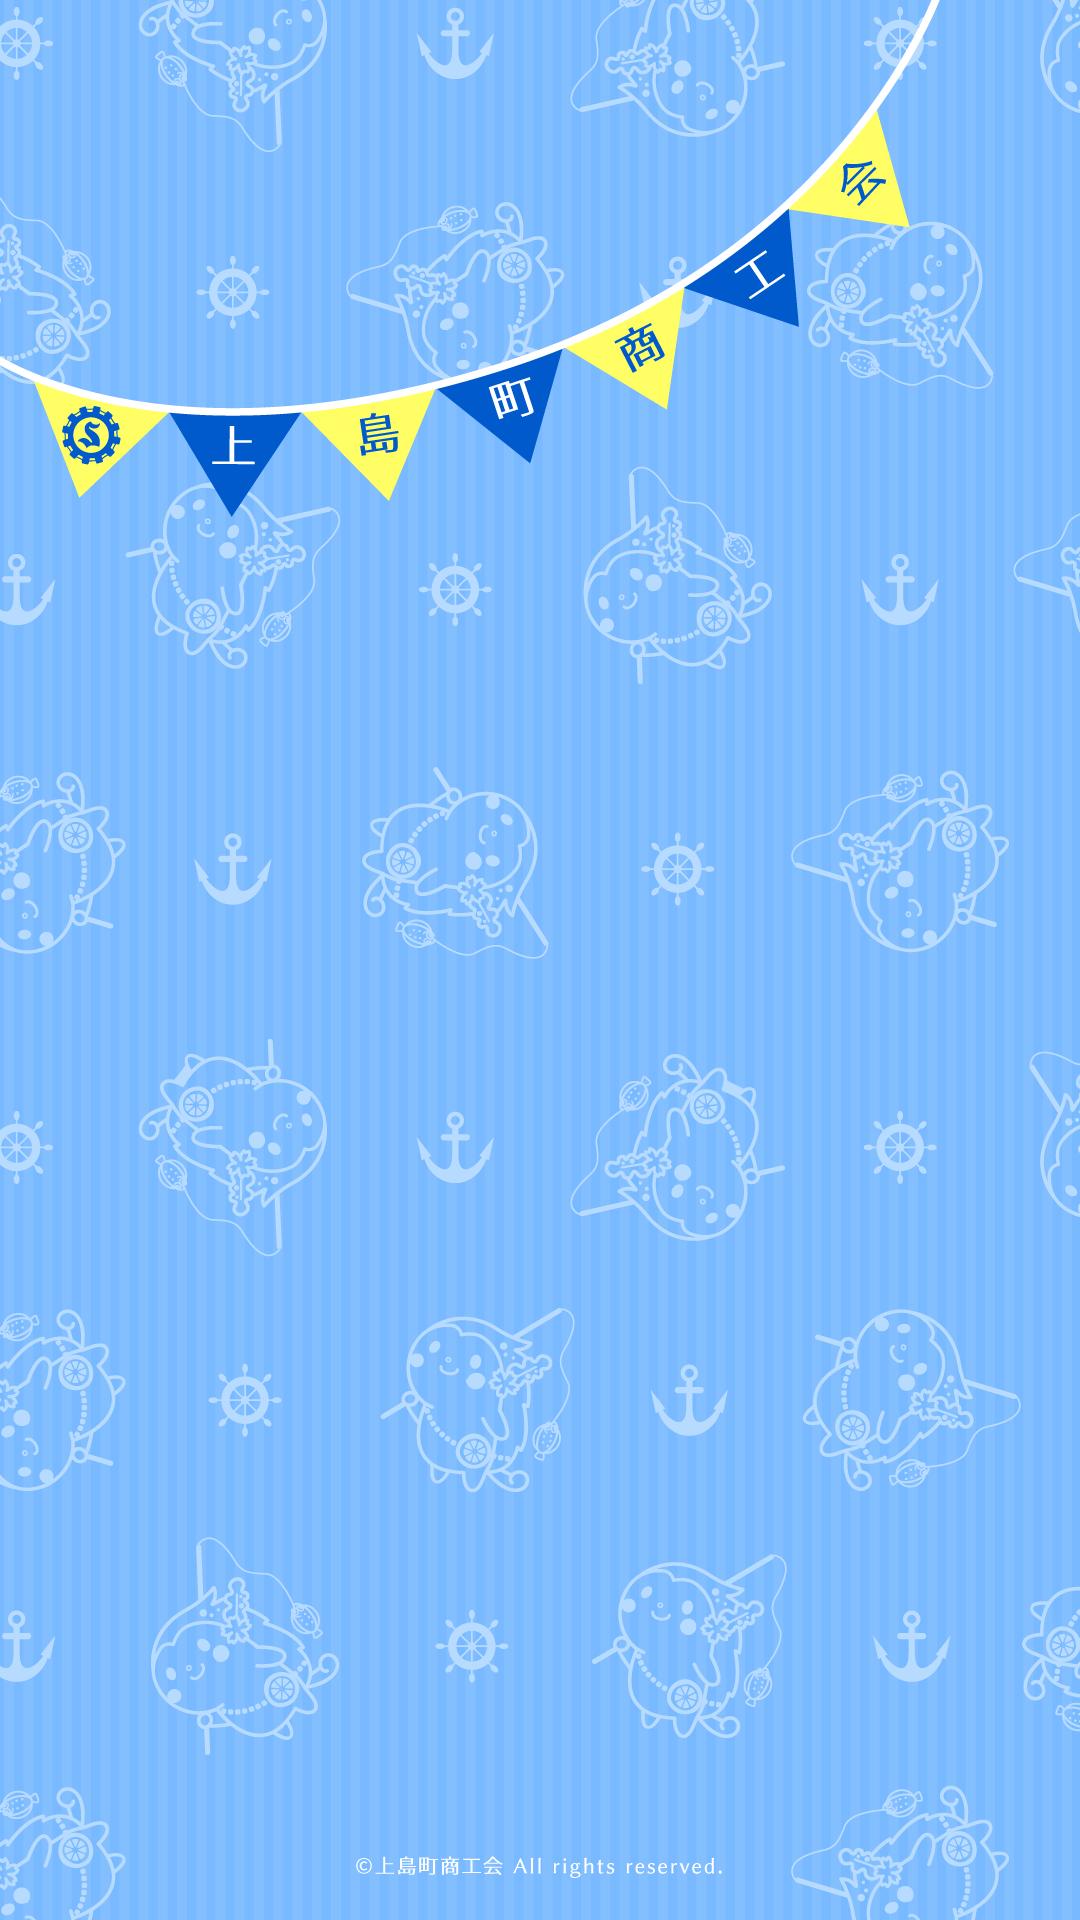 スマホ用壁紙(1080×1920)